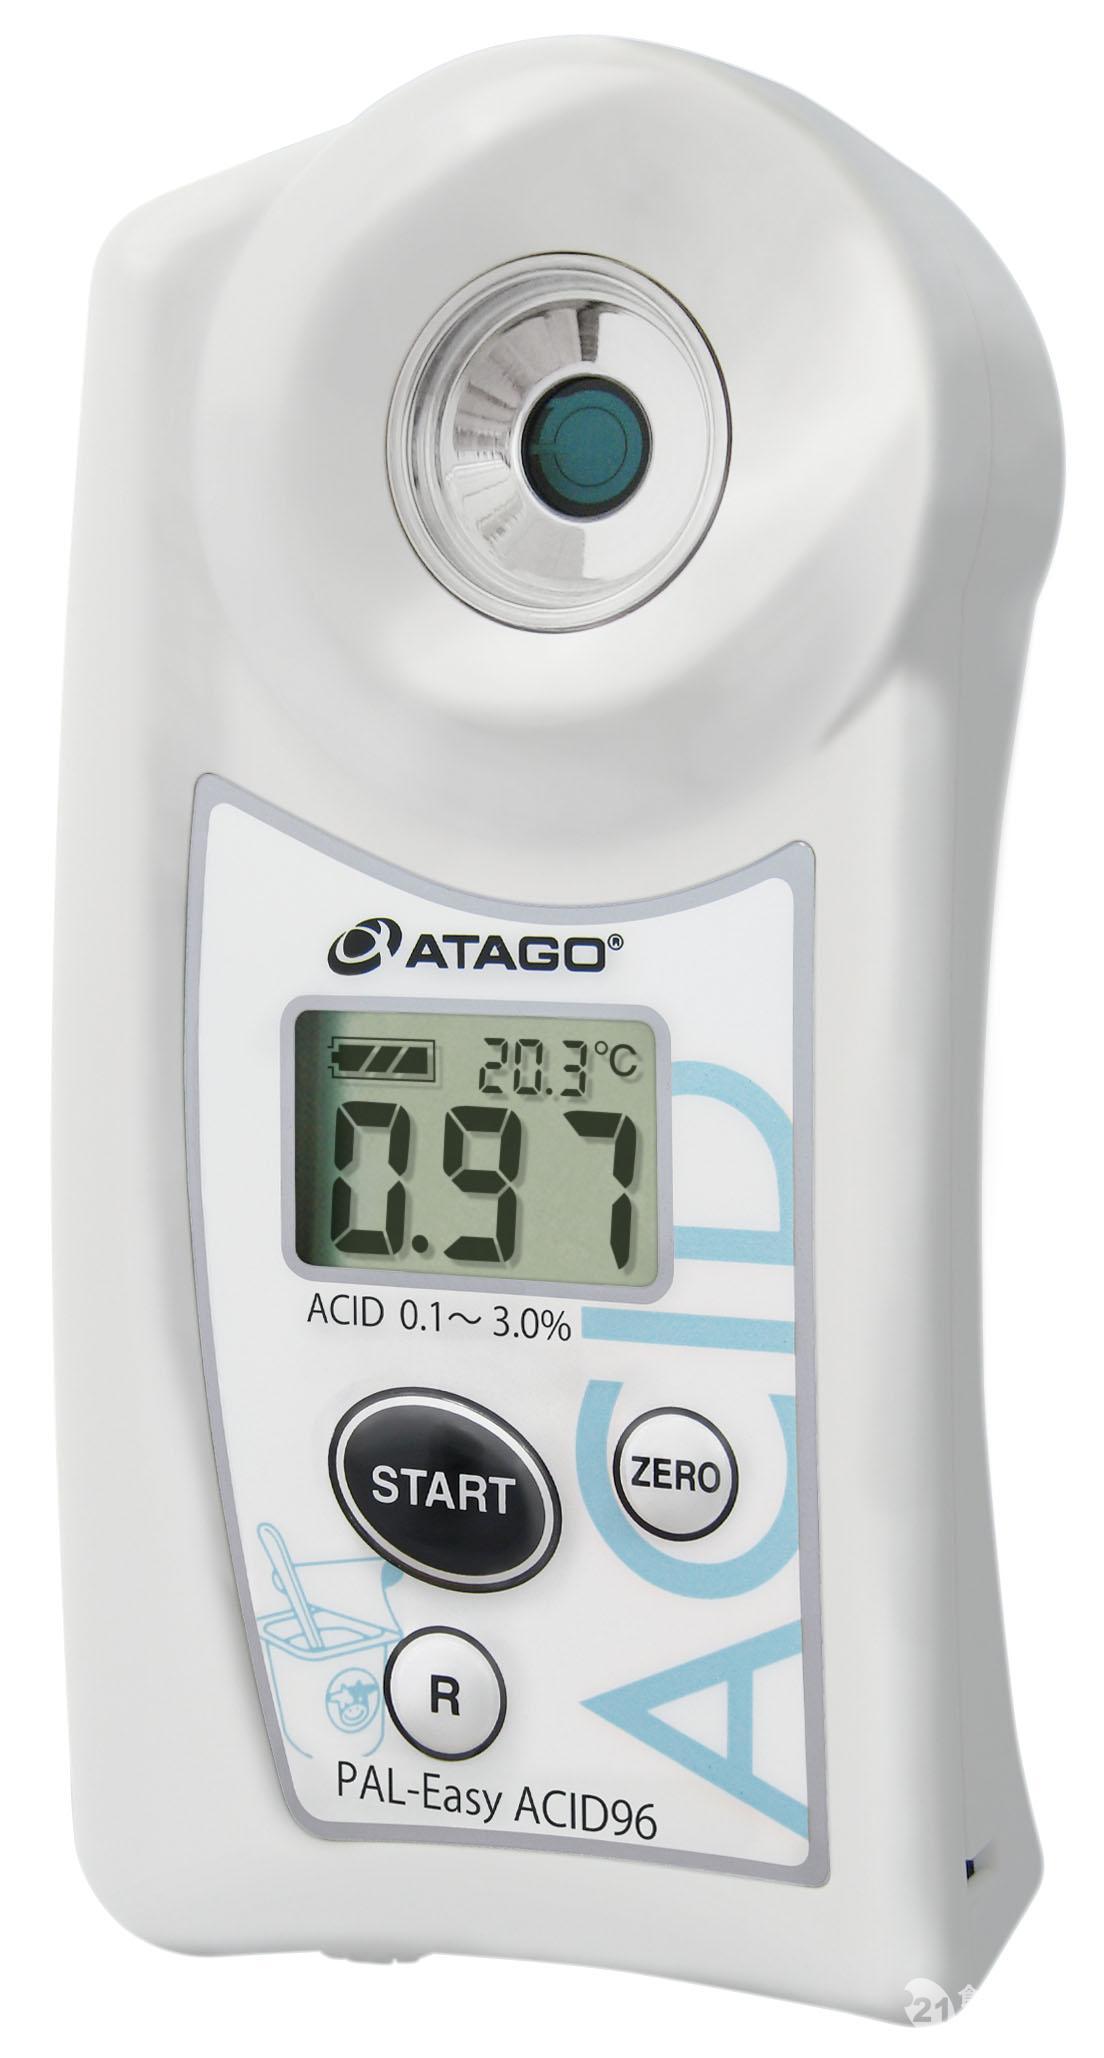 酸牛奶口感品质中酸度测定仪PAL-BX/ACID 96,酸奶糖酸度测定仪